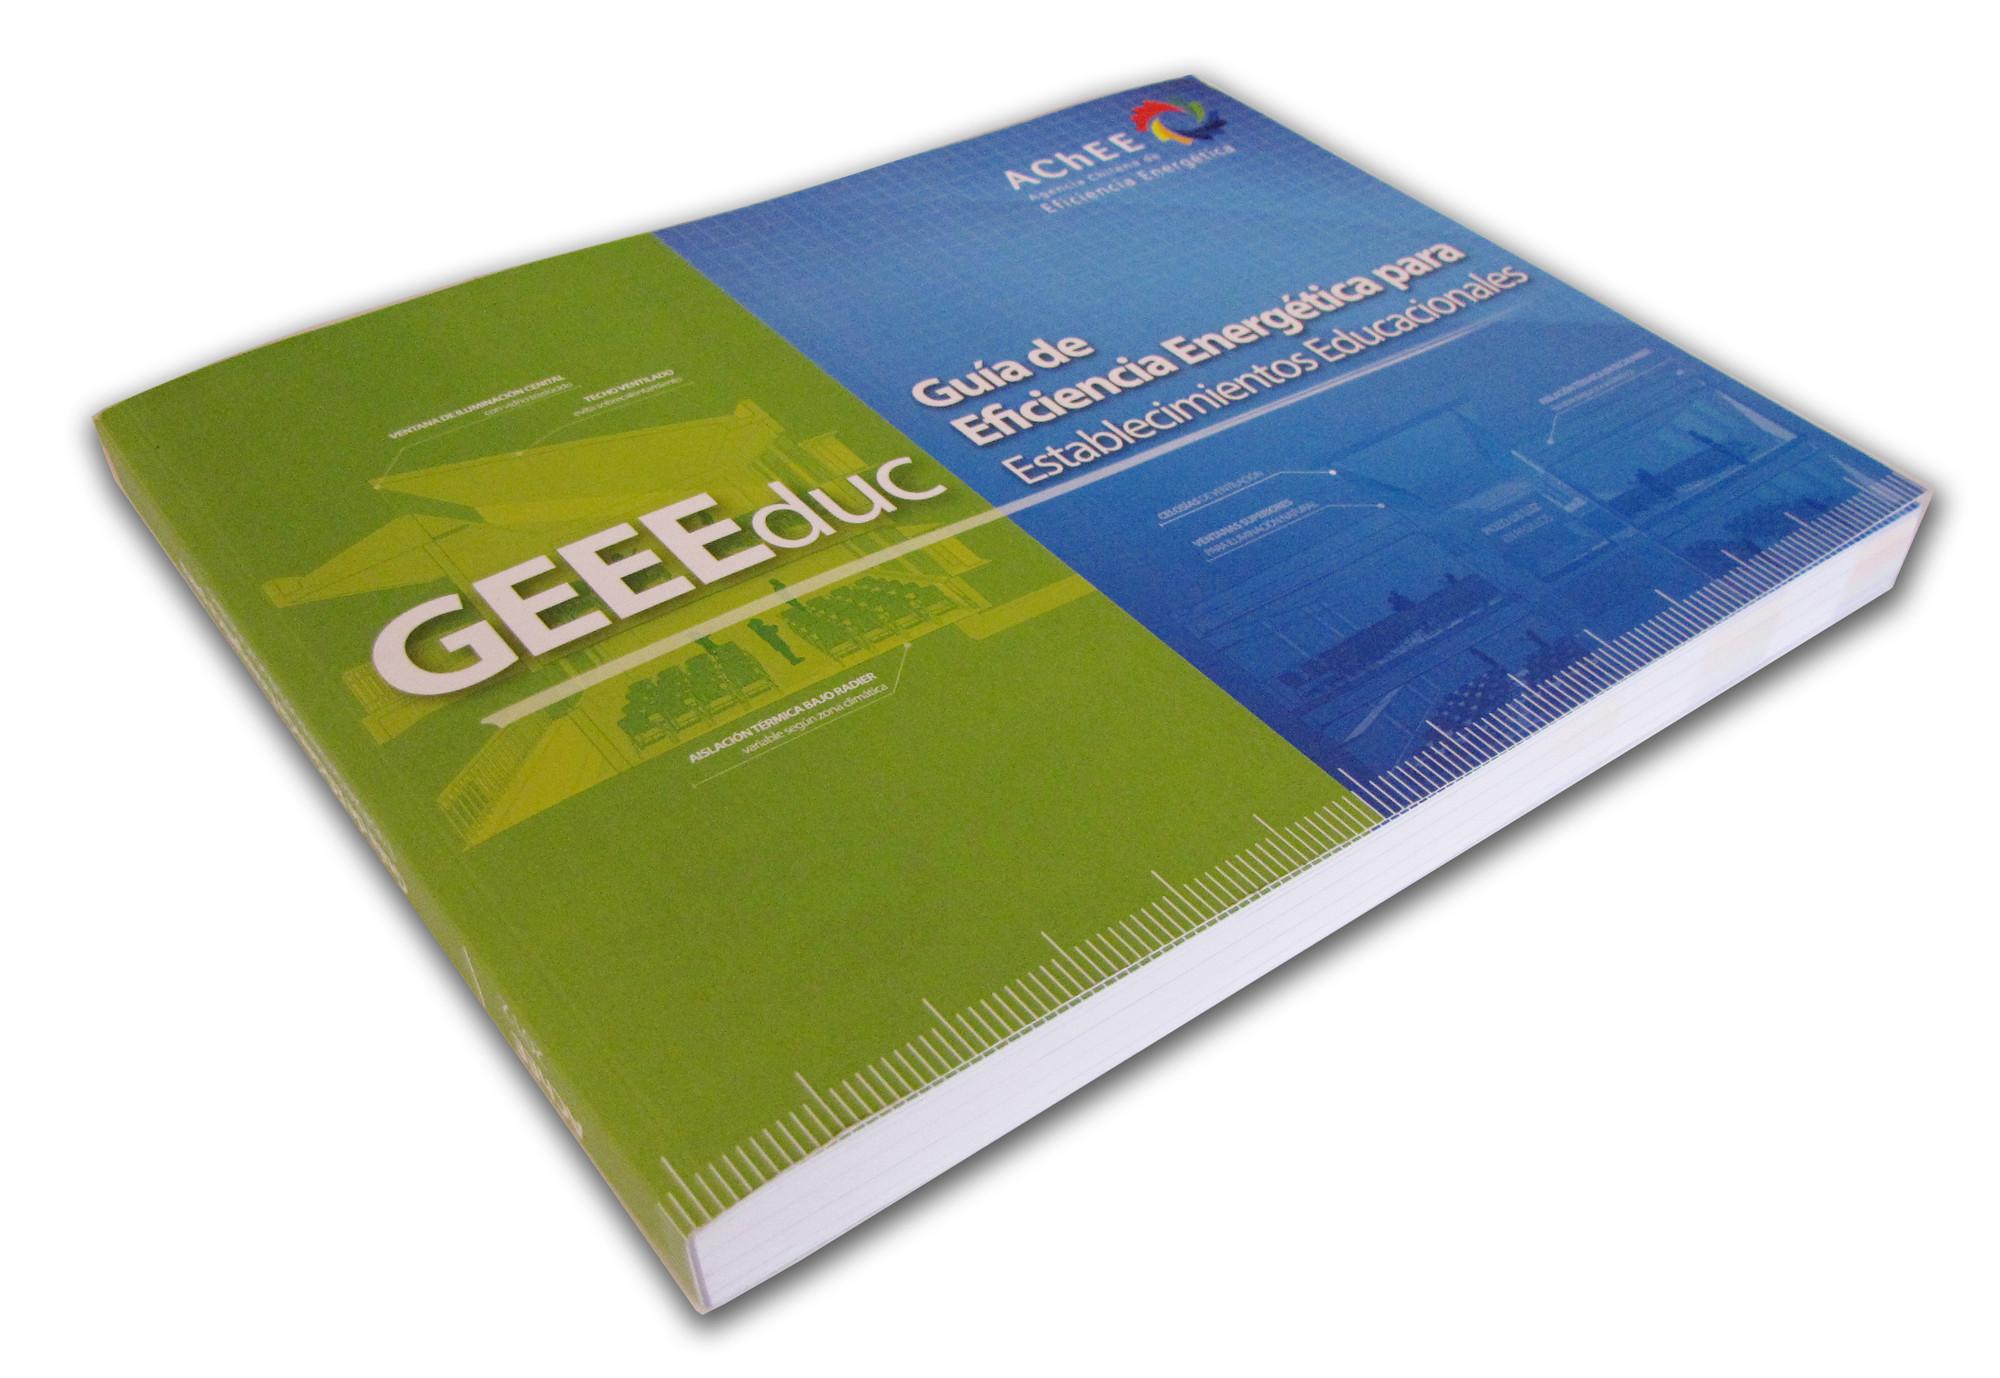 Guía de Eficiencia Energética para Establecimientos Educacionales / AChEE ¡Regalamos 4 copias!